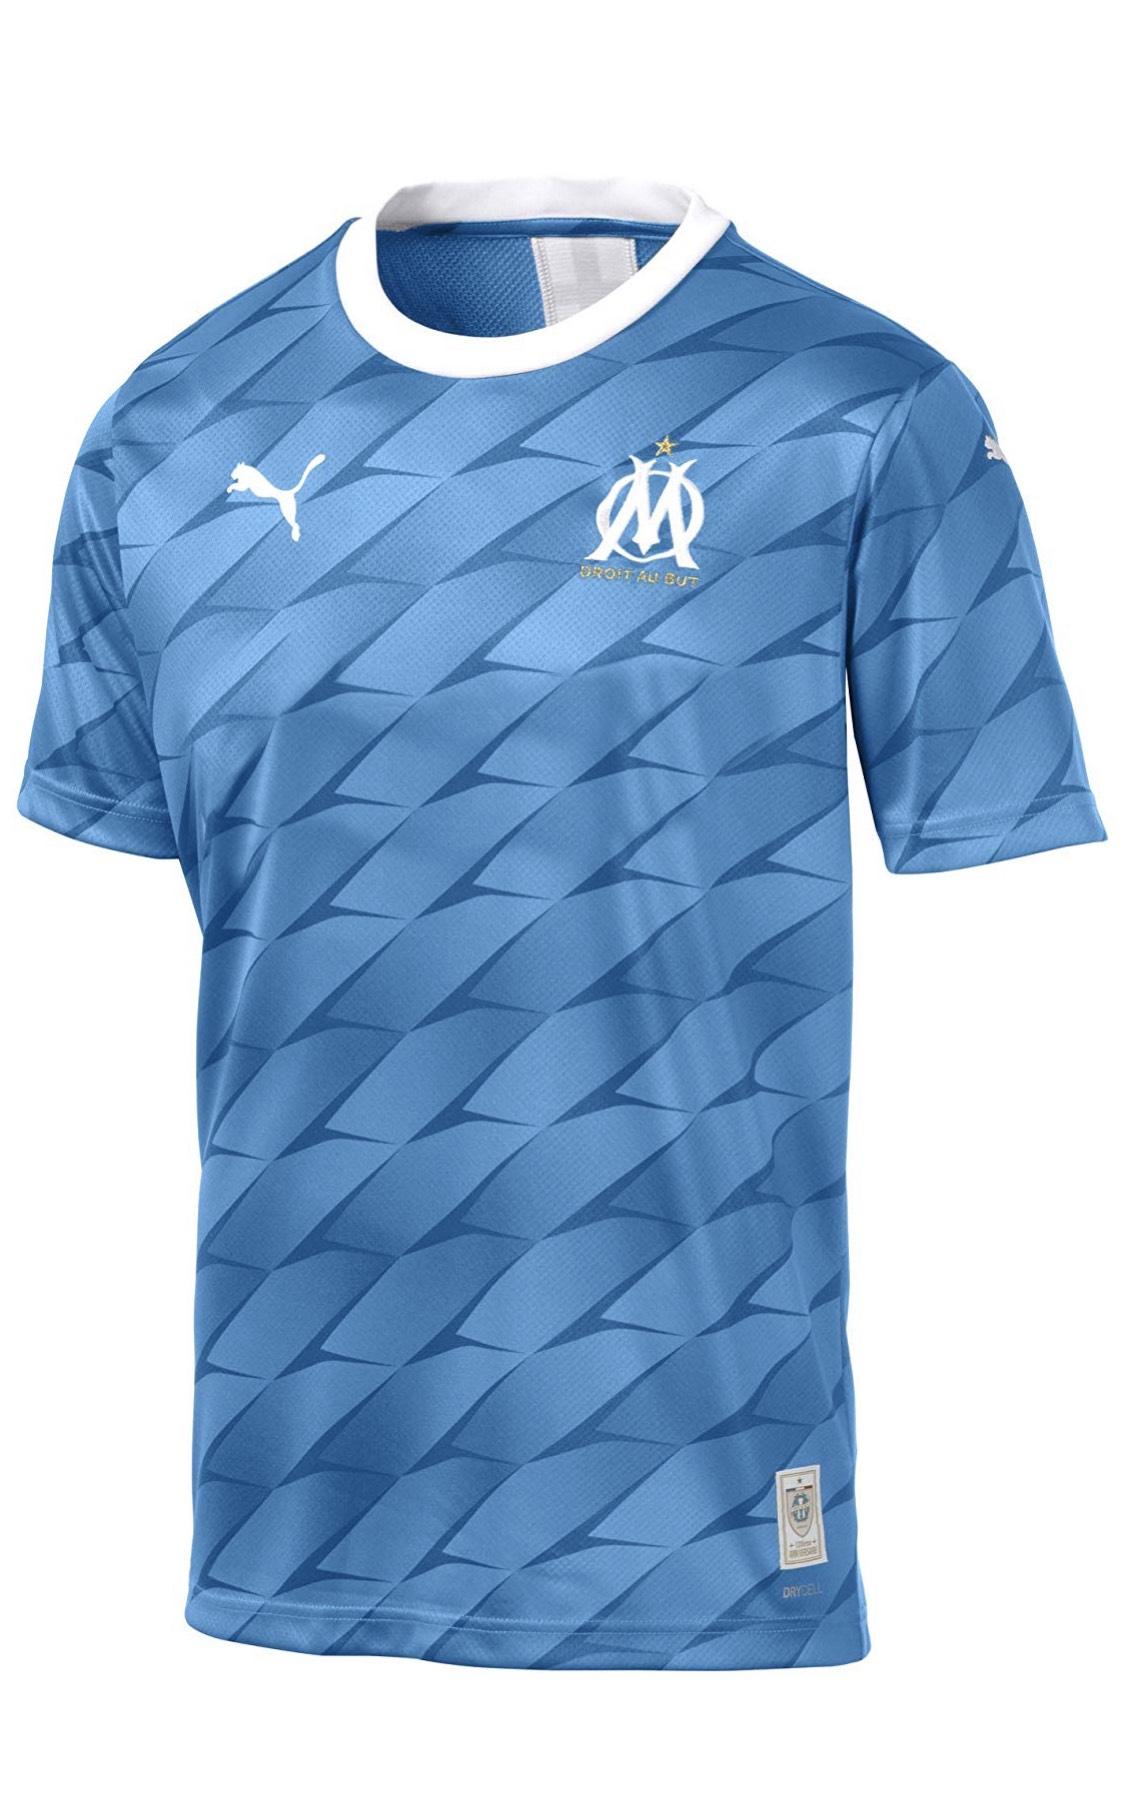 Maillot Homme Puma Olympique de Marseille Extérieur - Saison 2019/2020